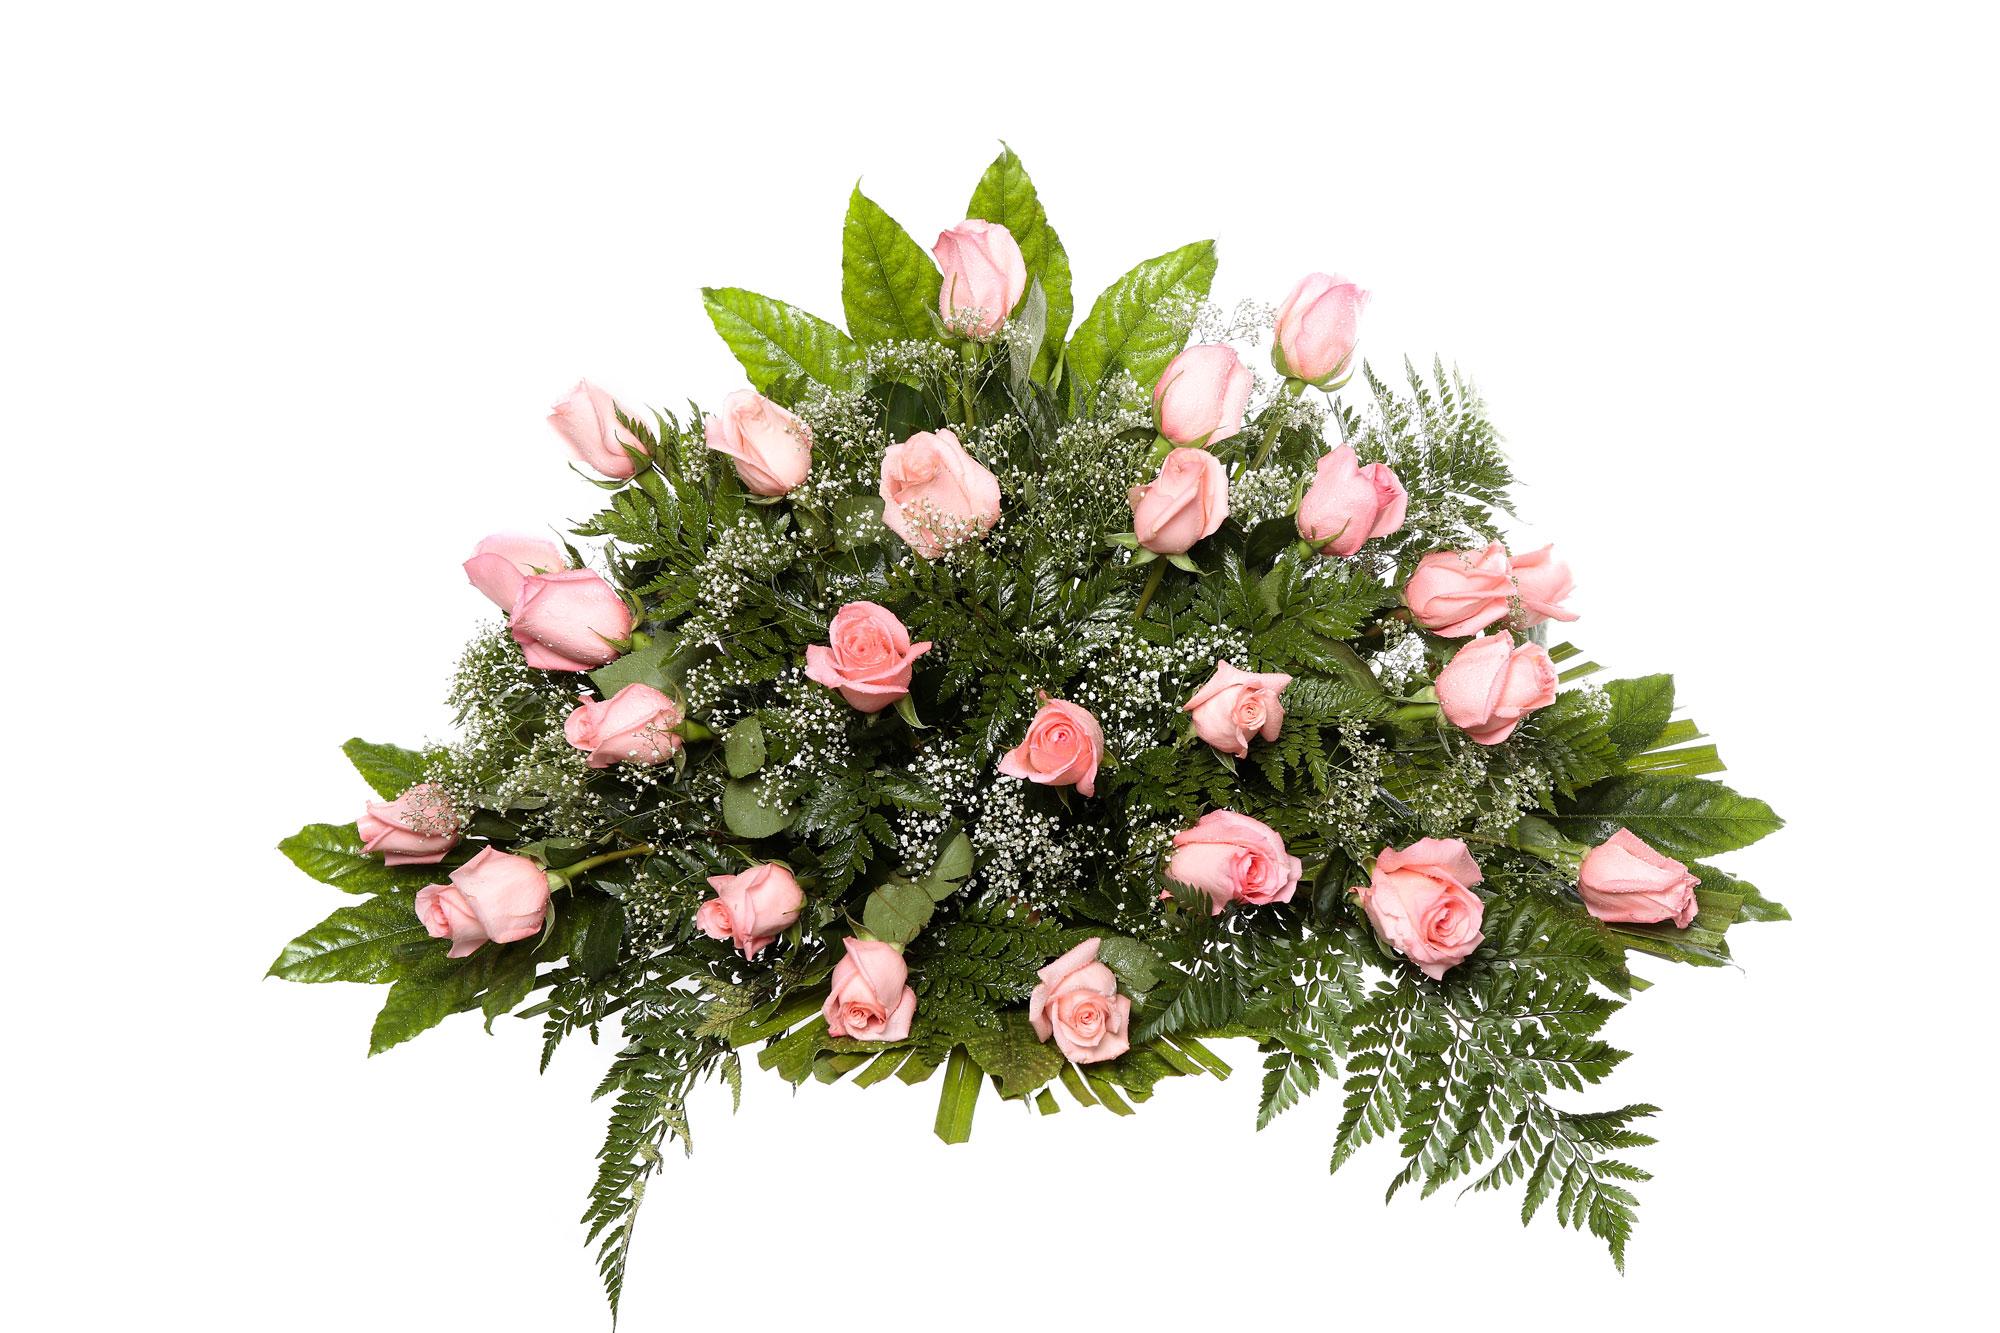 Palma flores tanatorio 8 t palmas flores naturales for Tanatorio los jardines carrizo